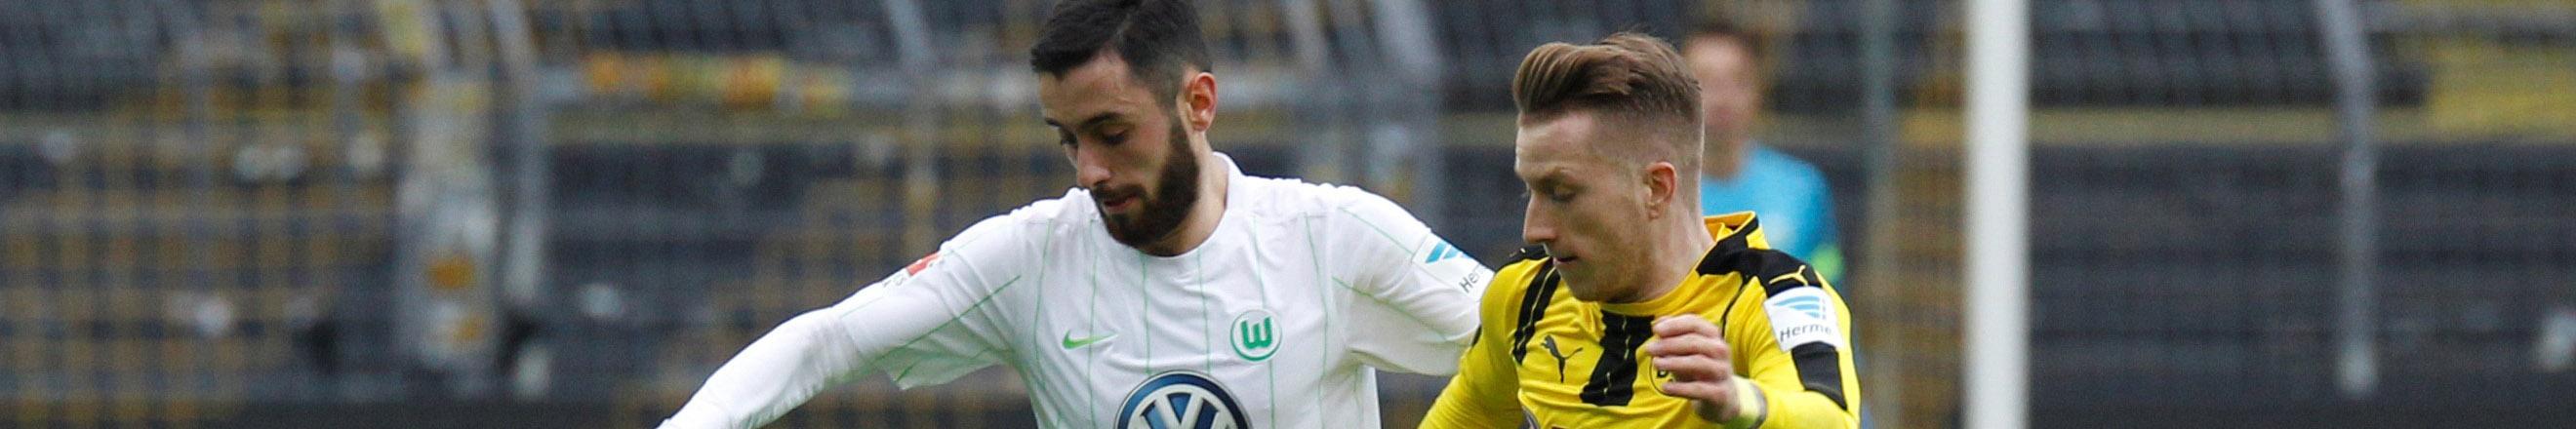 VfL Wolfsburg - BVB: Gegen den VfL für den Klassiker fit machen